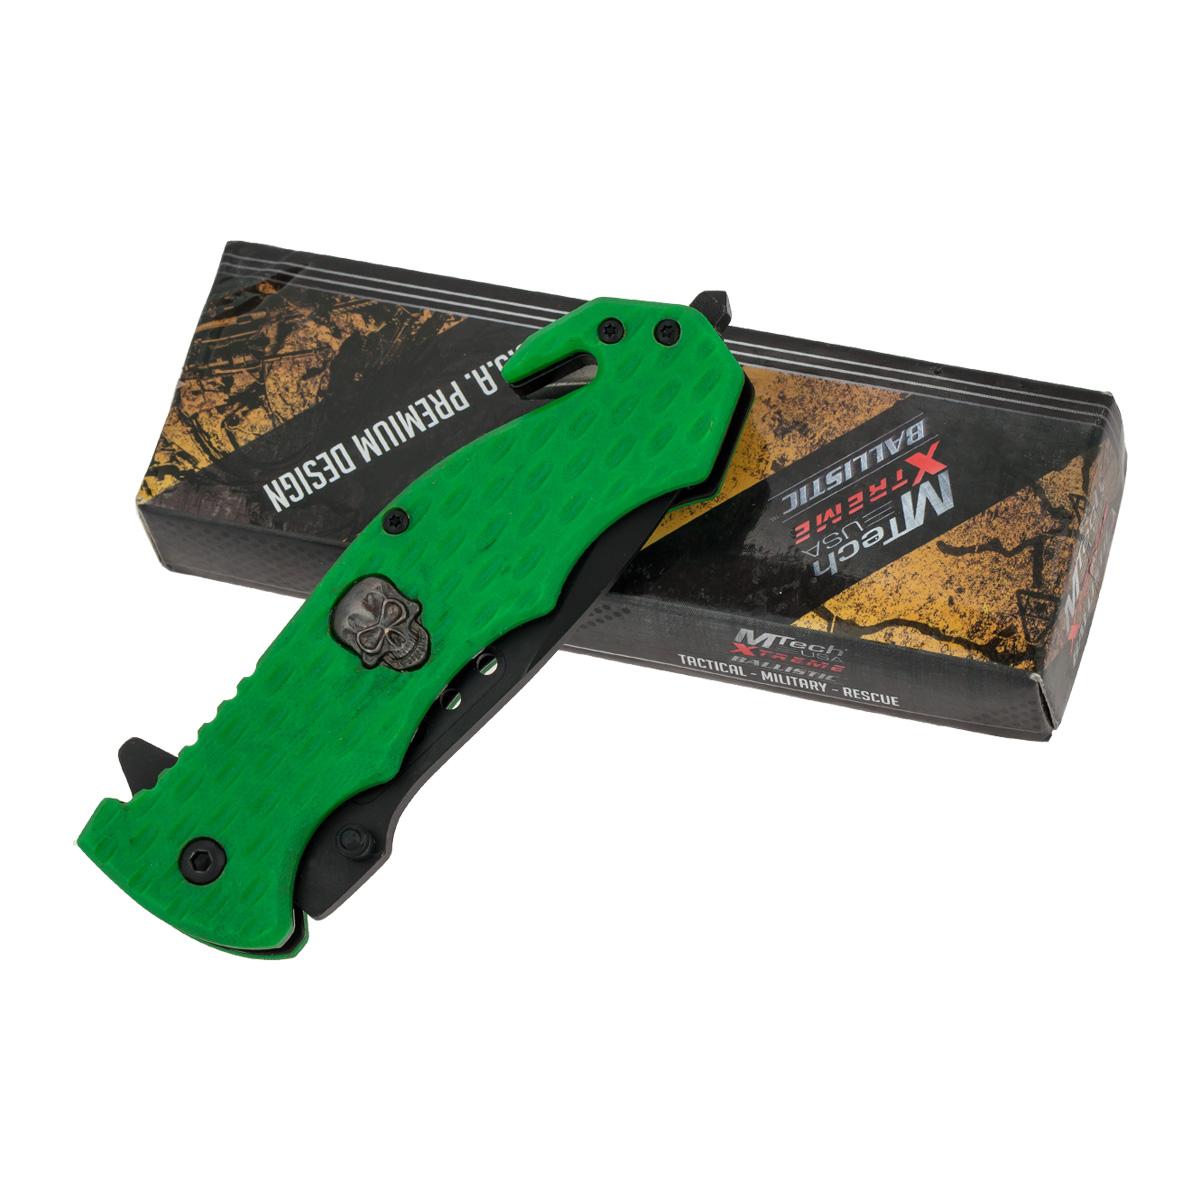 Тактический нож Mtech Extreme MX-A803GR - заказать оптом